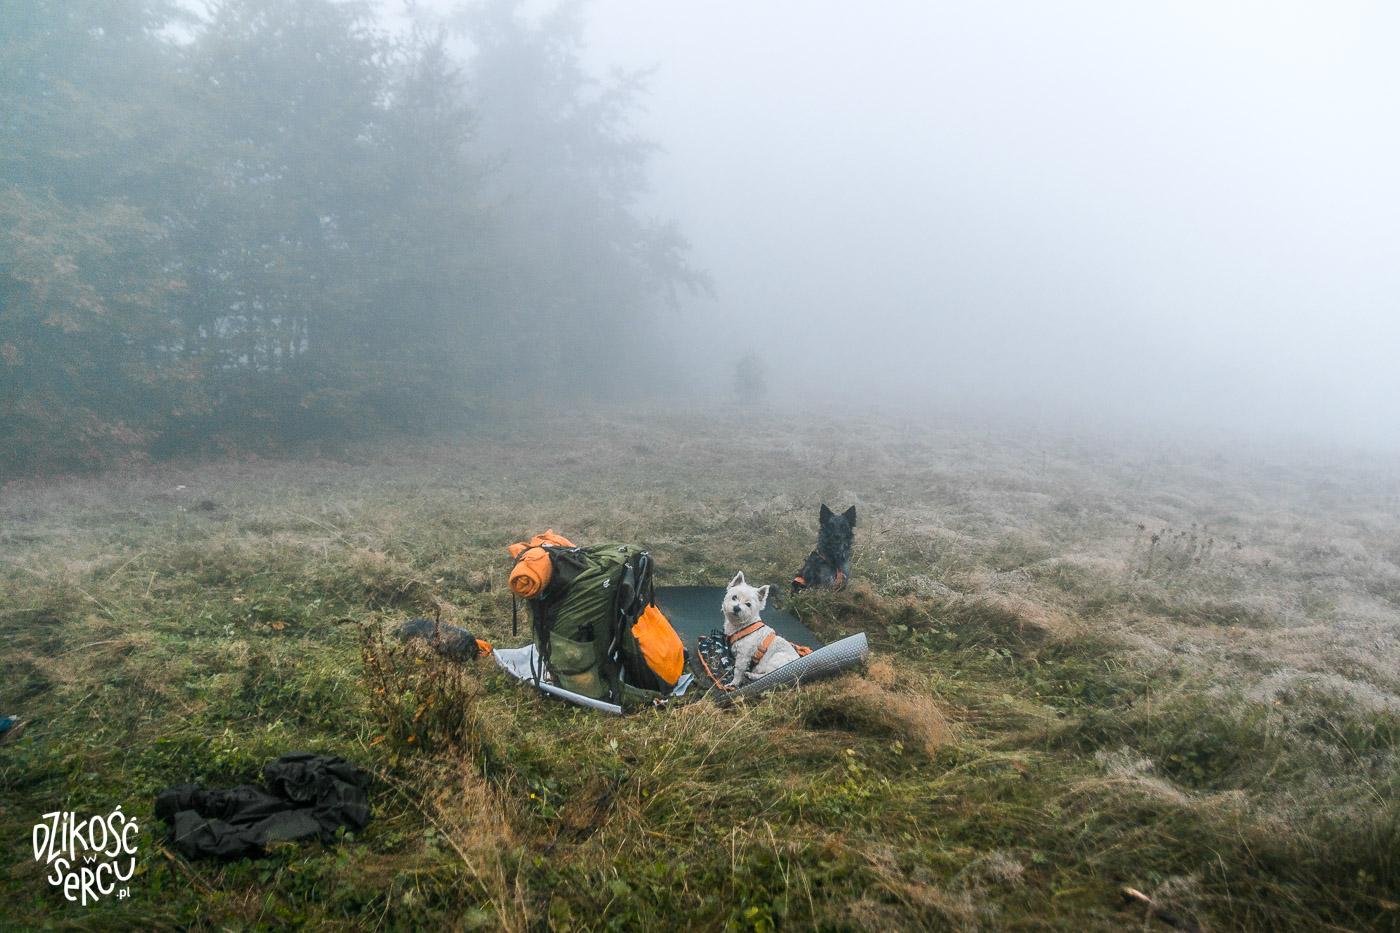 Pakowanie plecaka po nocy pod namiotem, we mgle, z dwoma psami